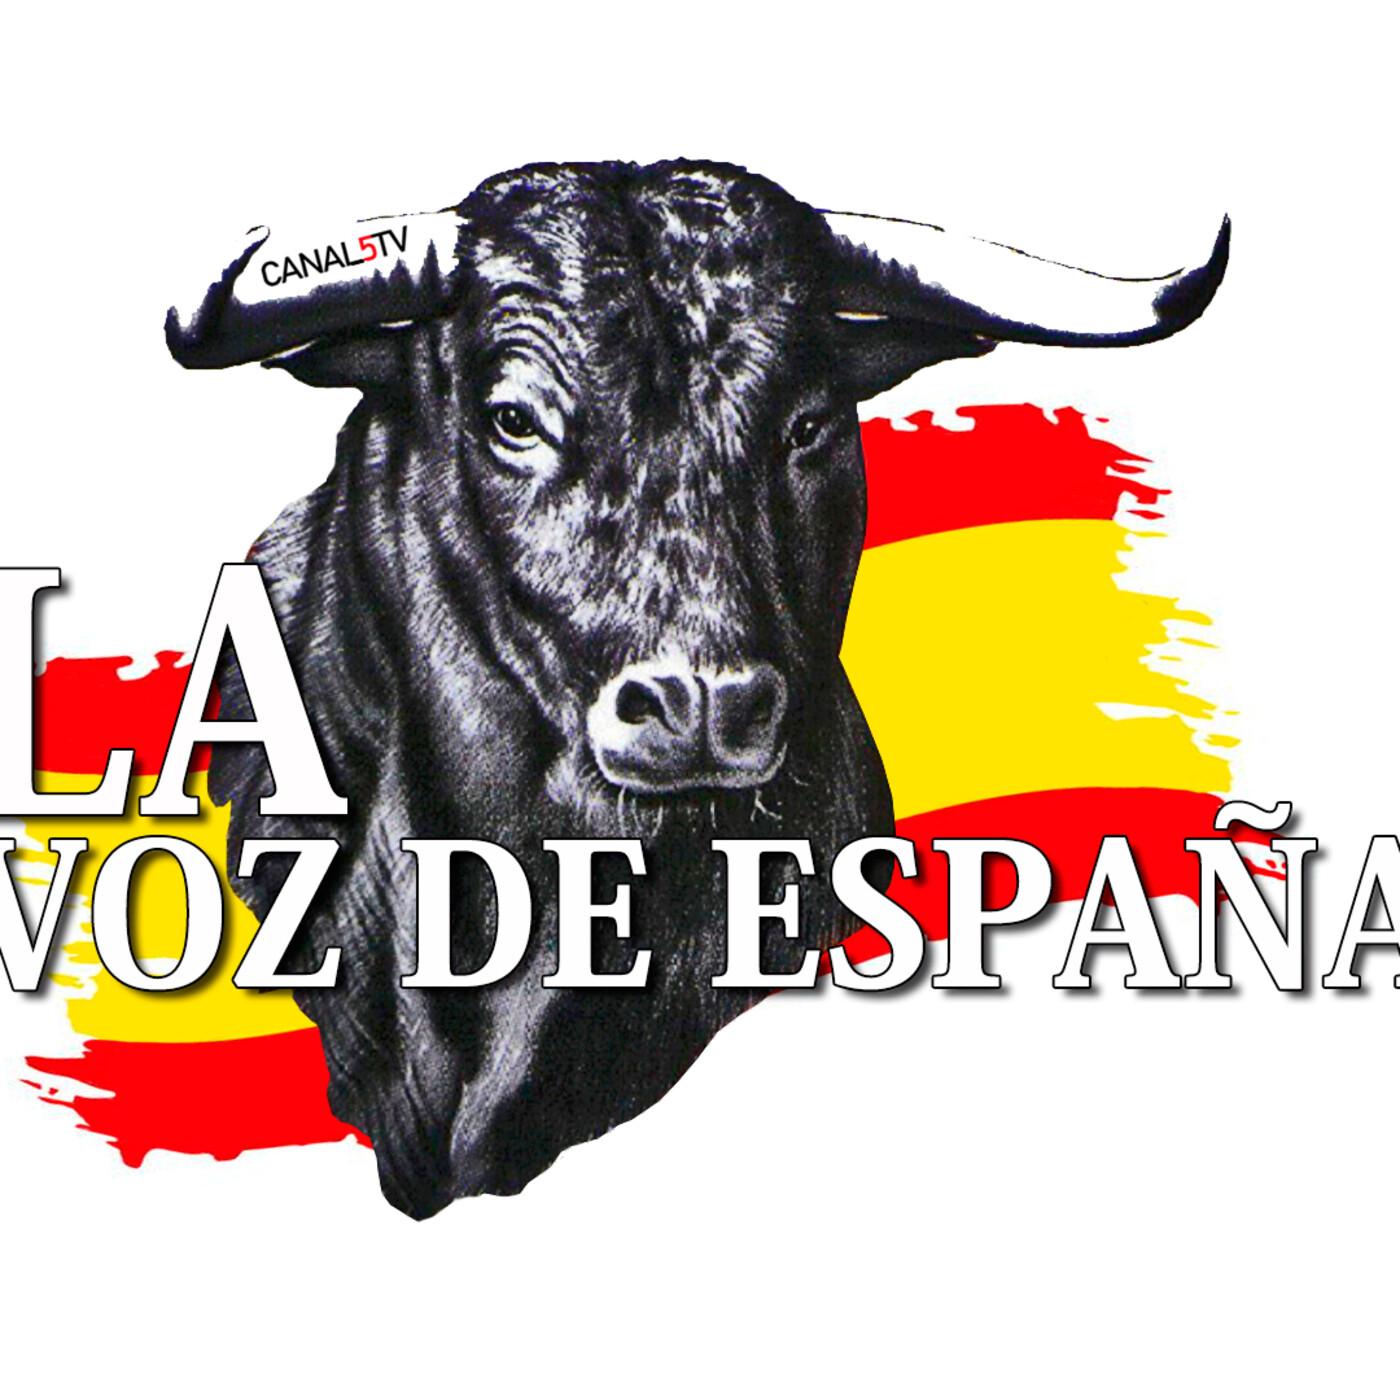 LA VOZ DE ESPAÑA Ed: 293 (13 de Octubre)